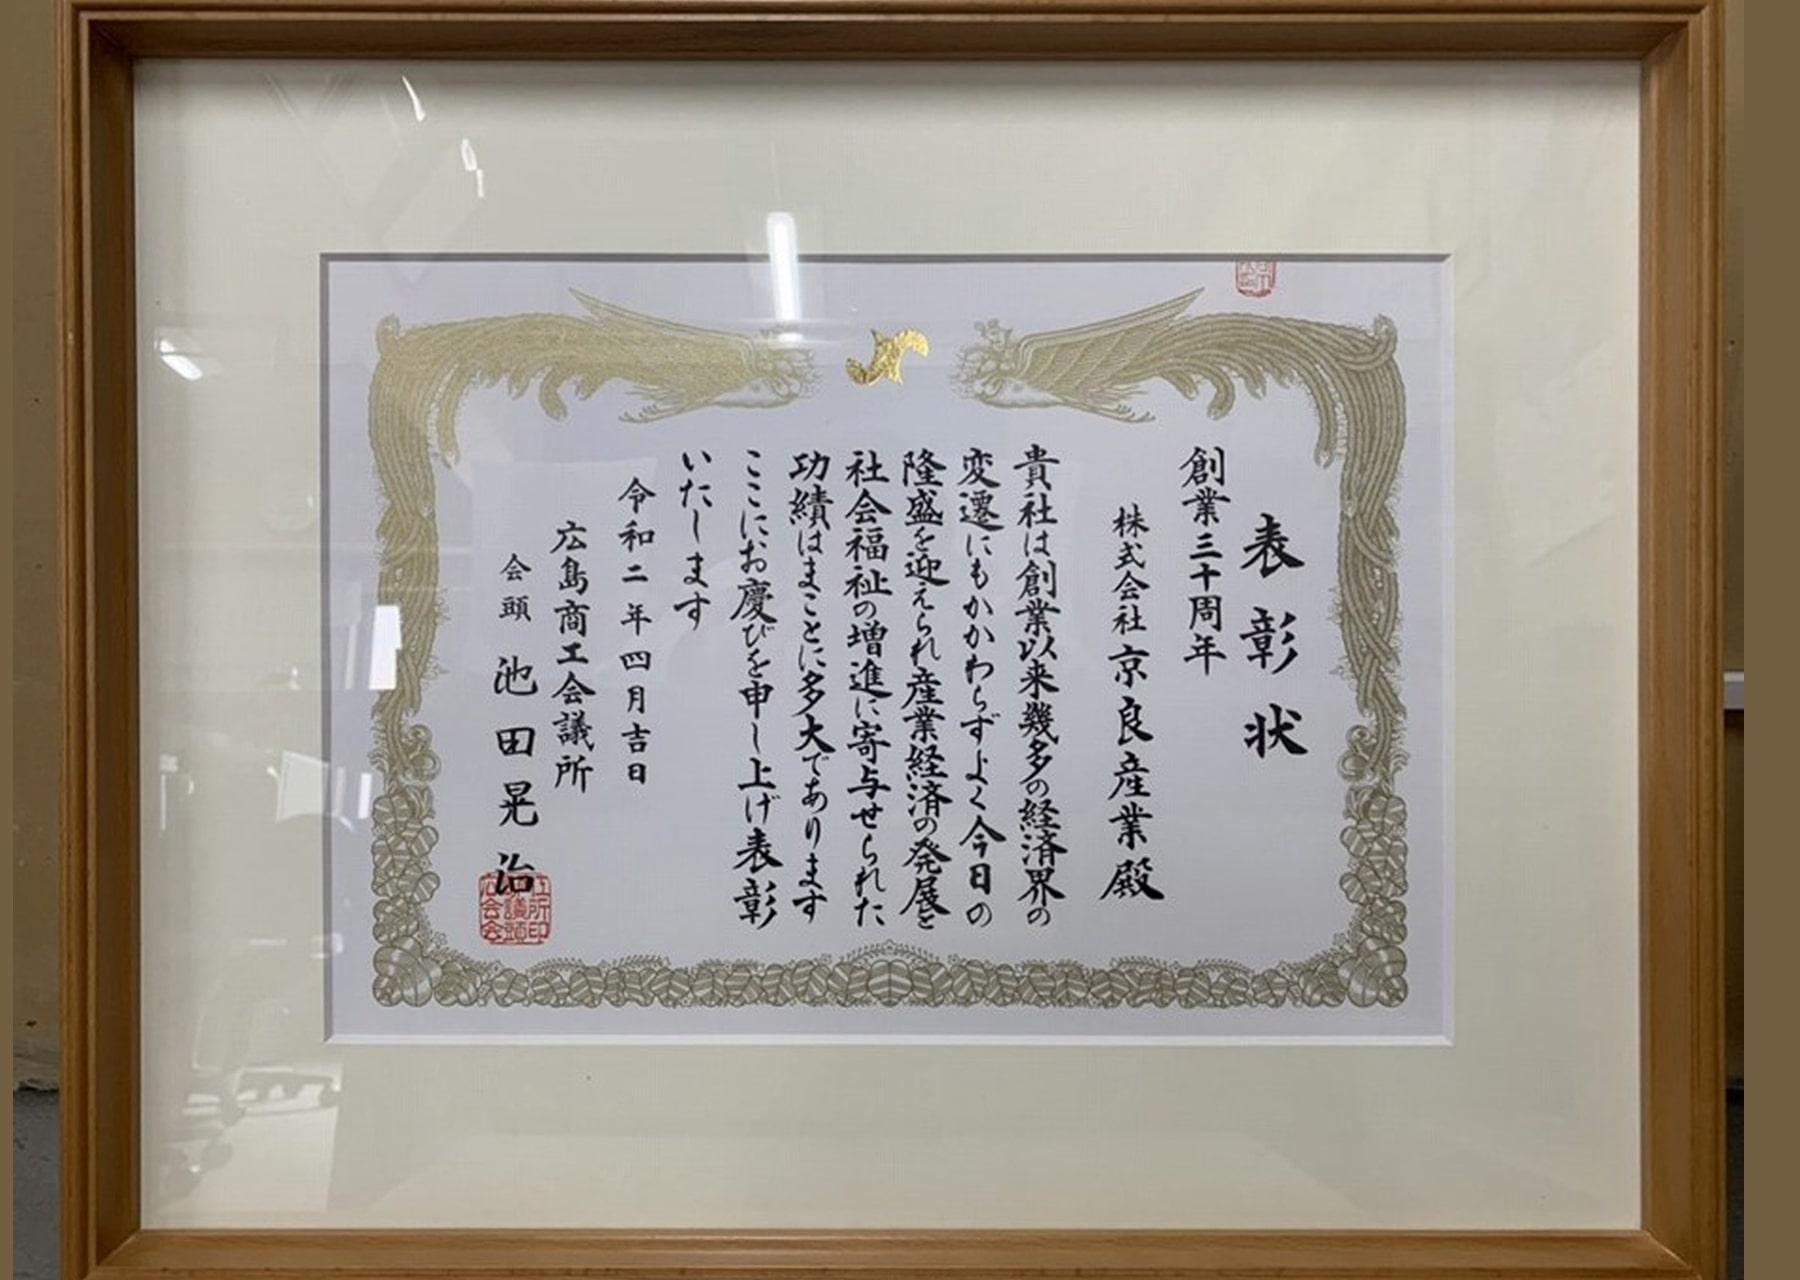 広島県商工会議所様より創業30周年記念で表彰状を頂きました。